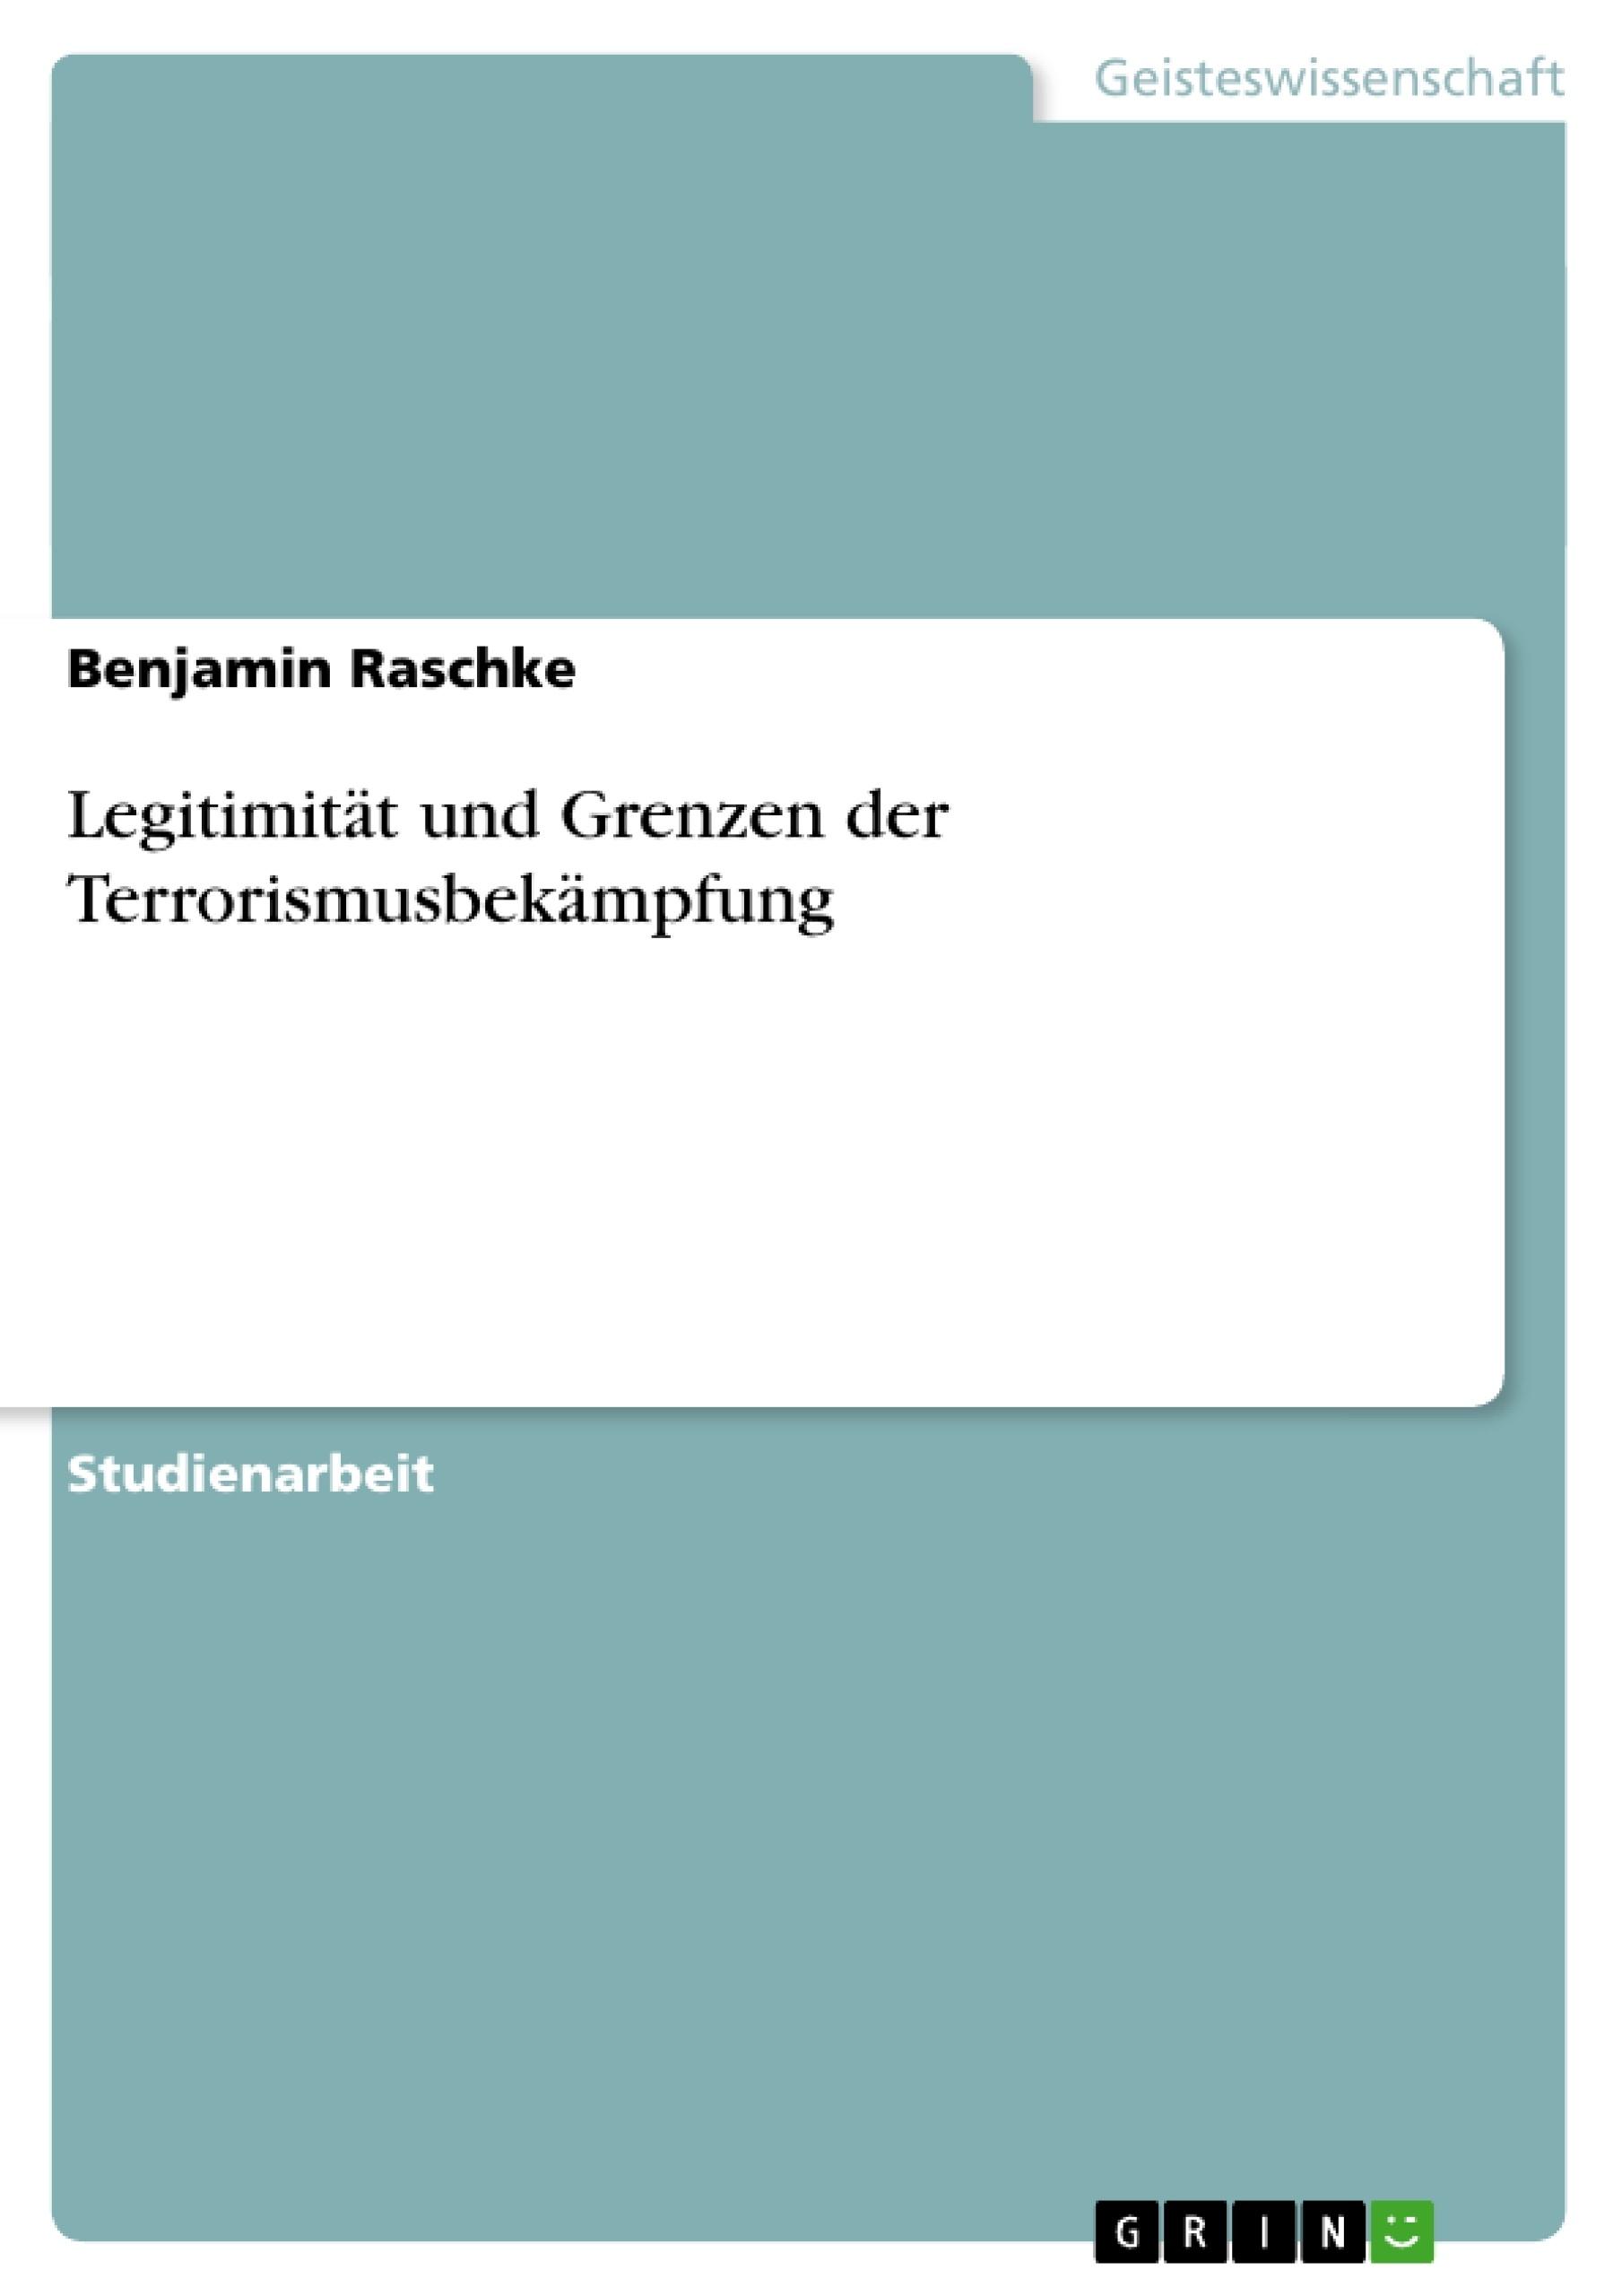 Titel: Legitimität und Grenzen der Terrorismusbekämpfung